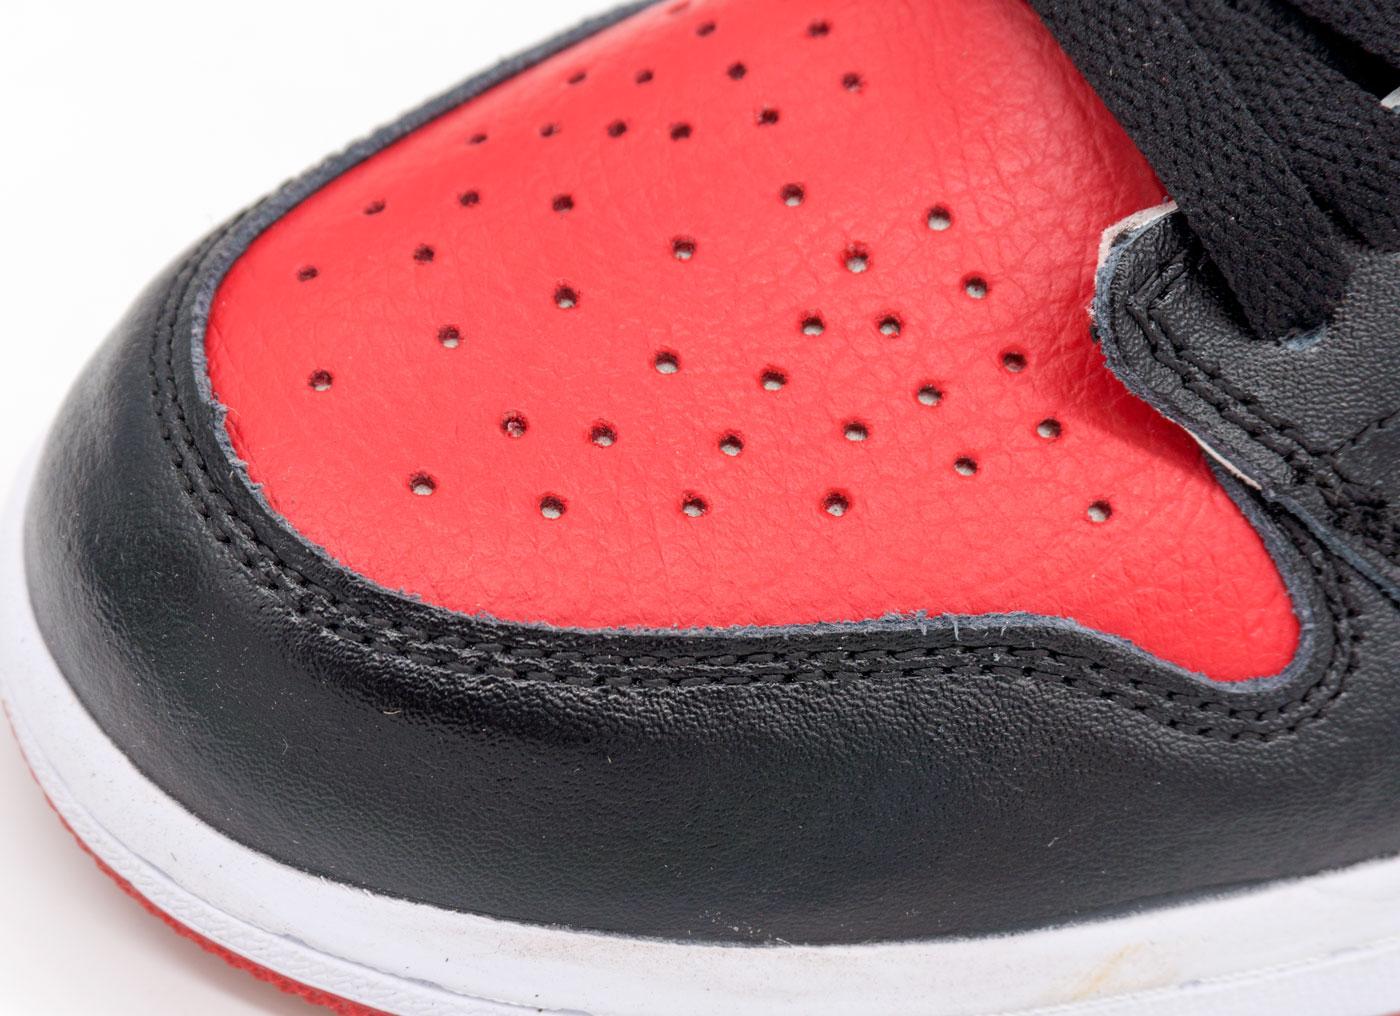 большое фото №6 Высокие белым и красным кроссовки Nke Air Jordan 1. Топ качество!